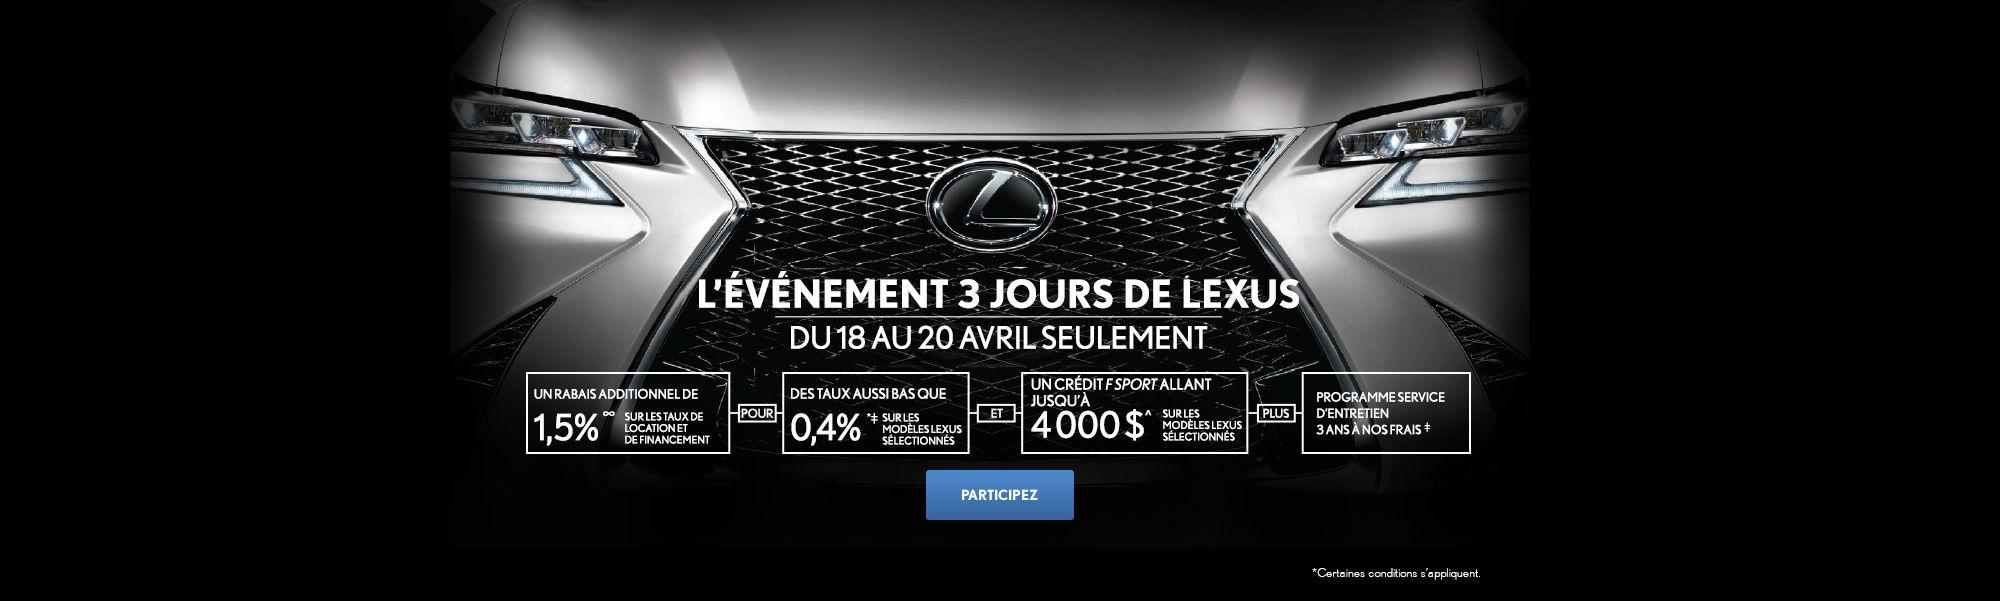 L'événement 3 jours de Lexus